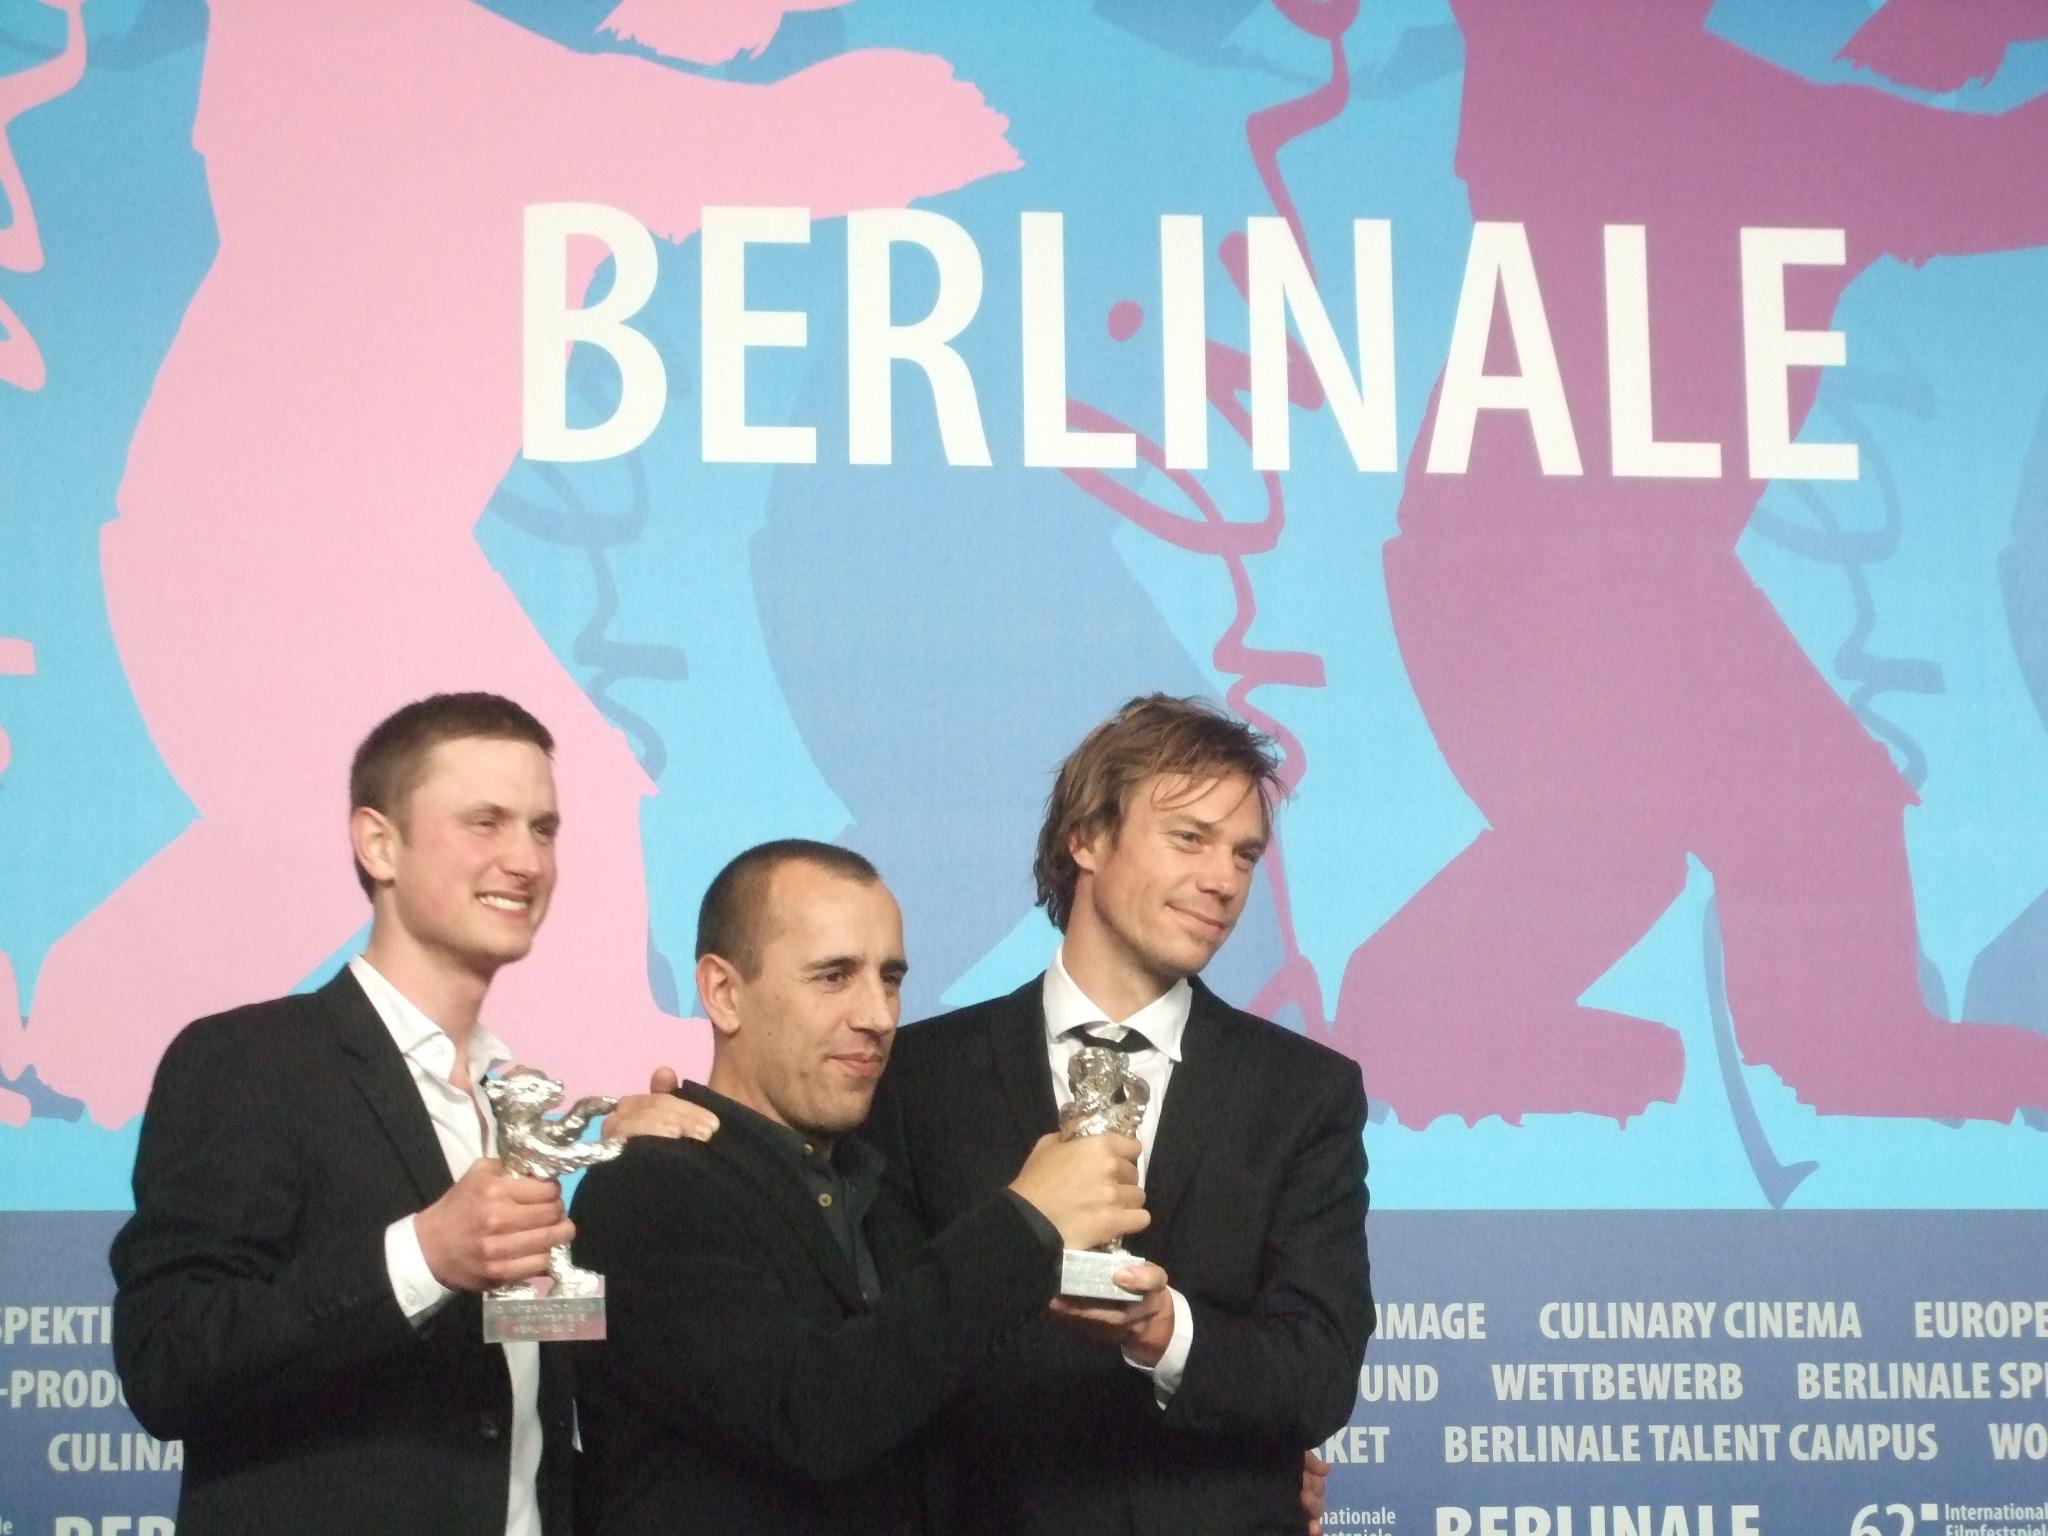 Mikkel Boe Folsgaard, Nikolaj Arcel, Rasmus Heisterberg, fot. A. Hołownia (źródło: materiał prasowy)